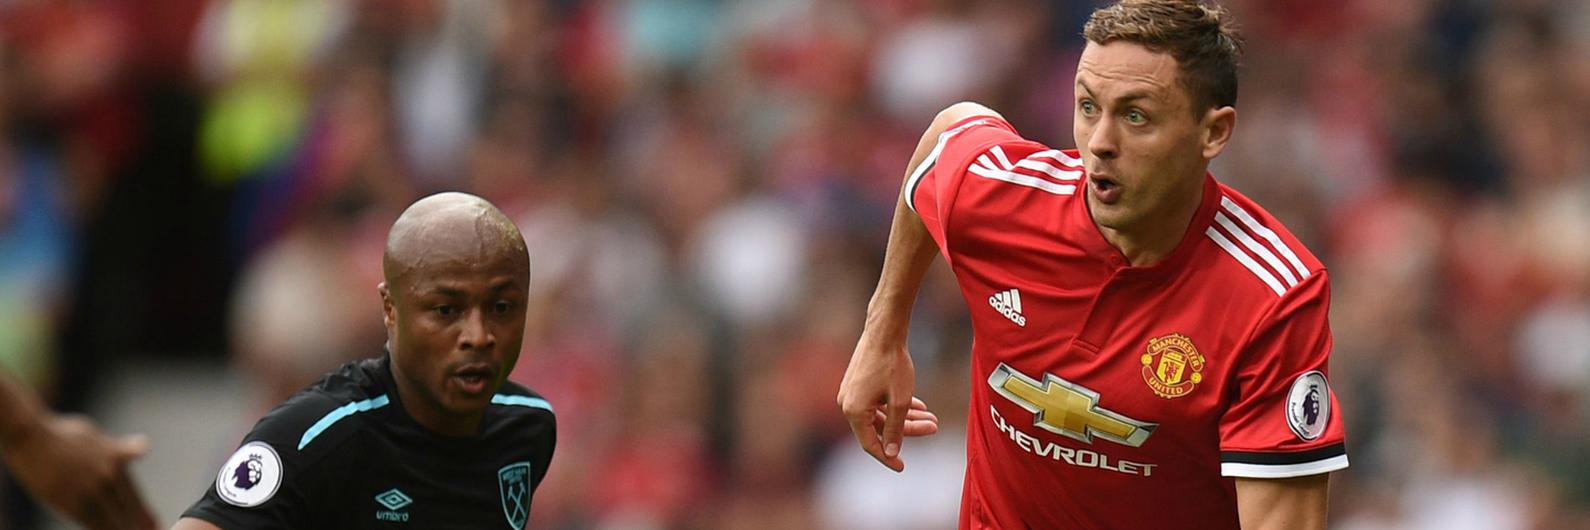 """Matic: """"Não é fácil trabalhar com Mourinho, mas ele é o melhor"""""""